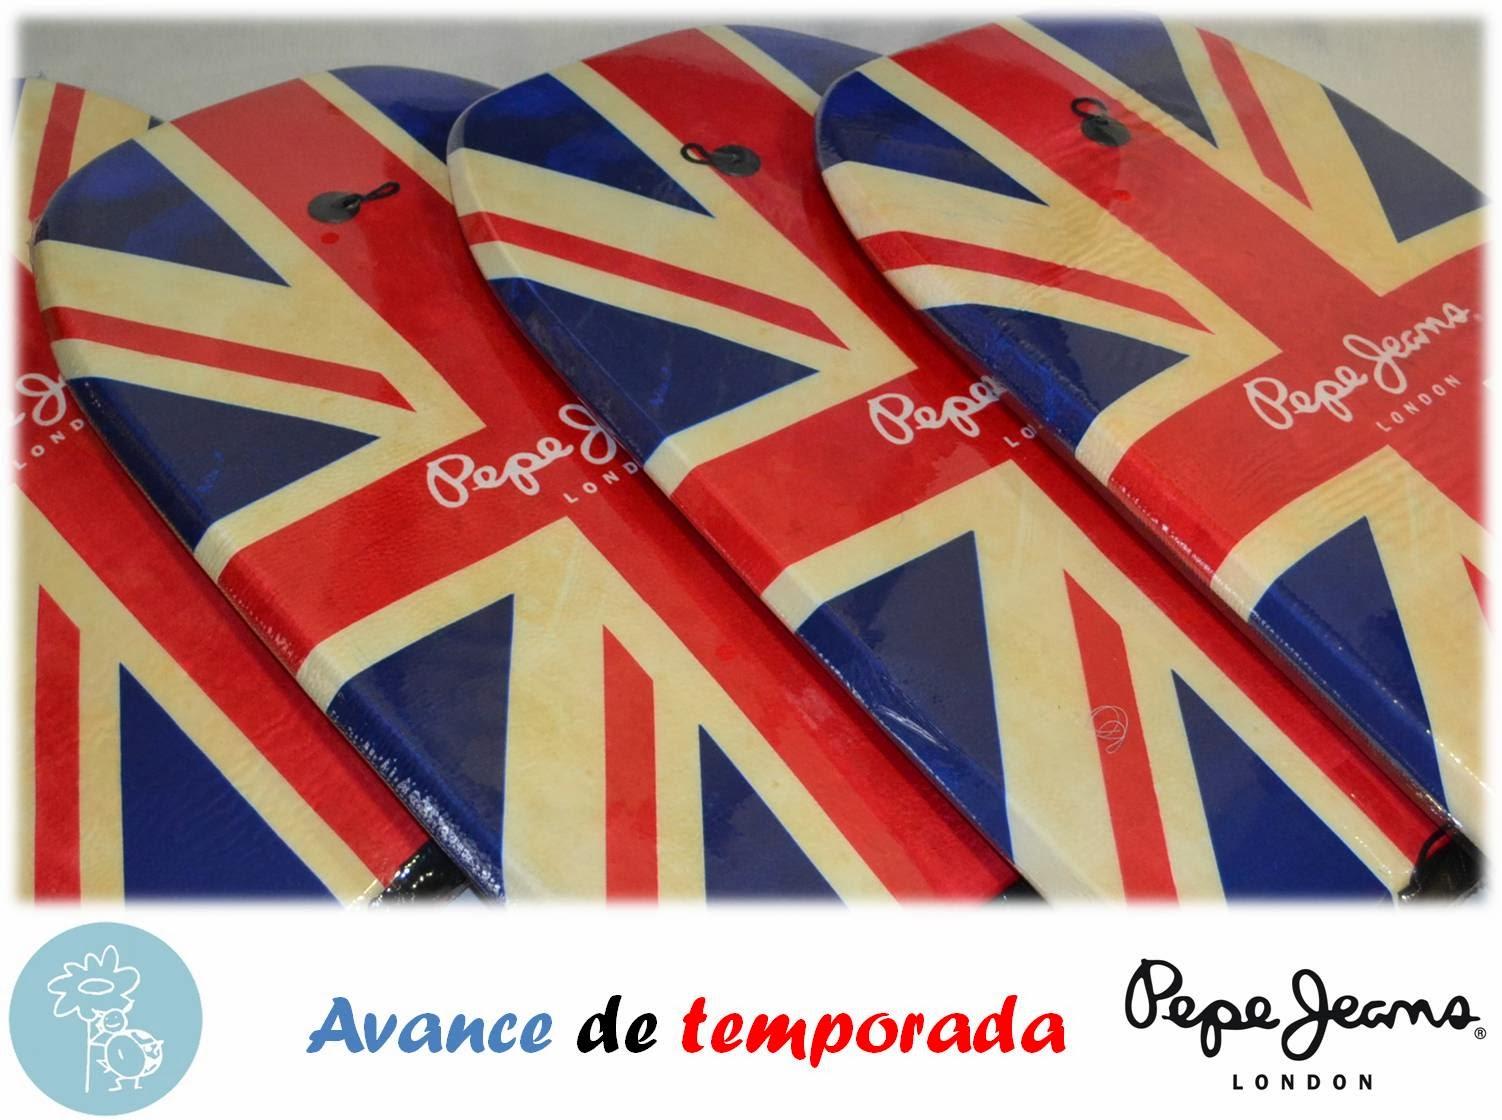 Pepe Jeans -Promoción Avance temporada, Bodyboard-